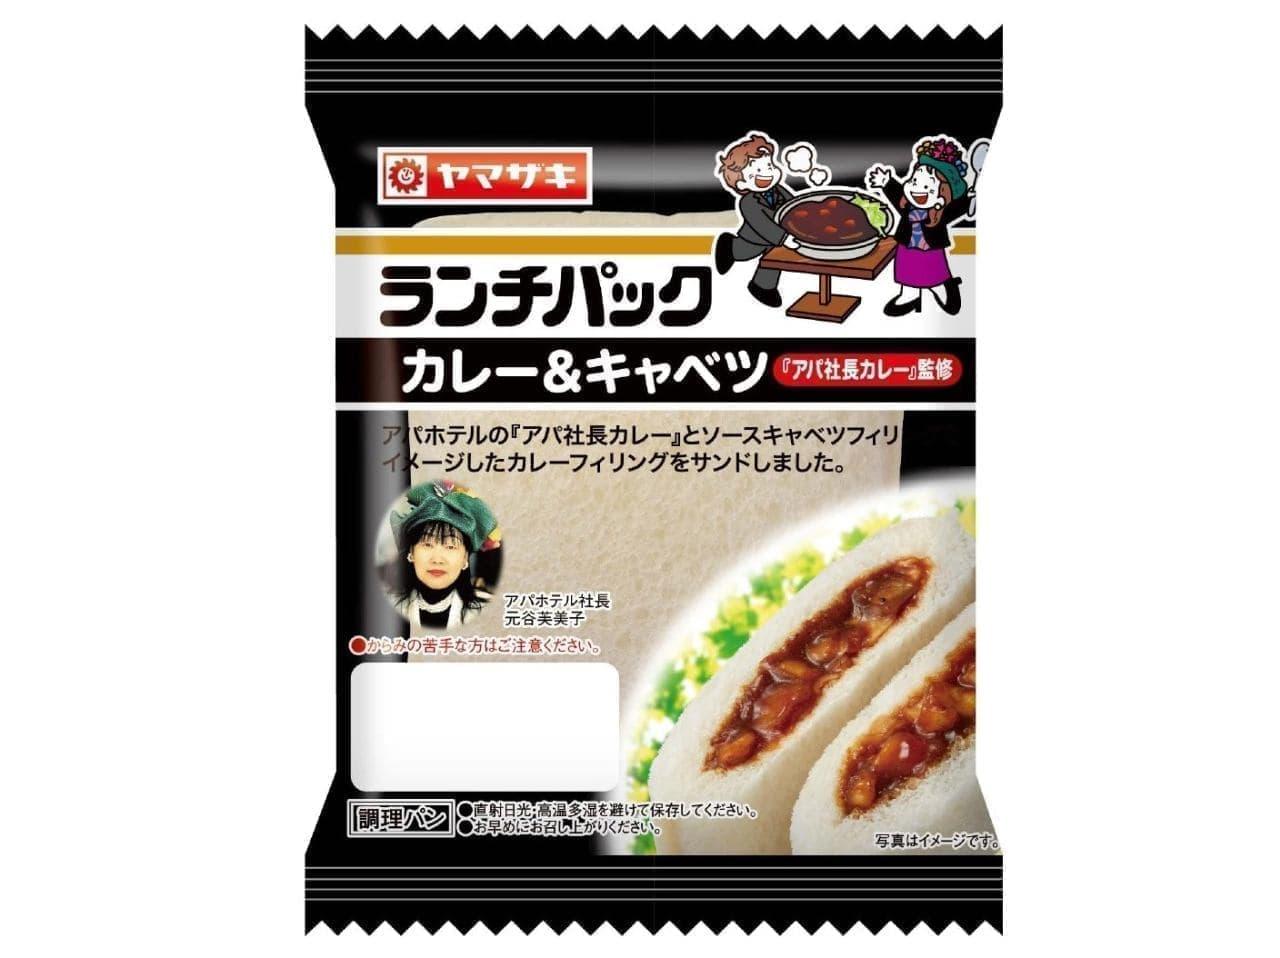 山崎製パン「ランチパック カレー&キャベツ」